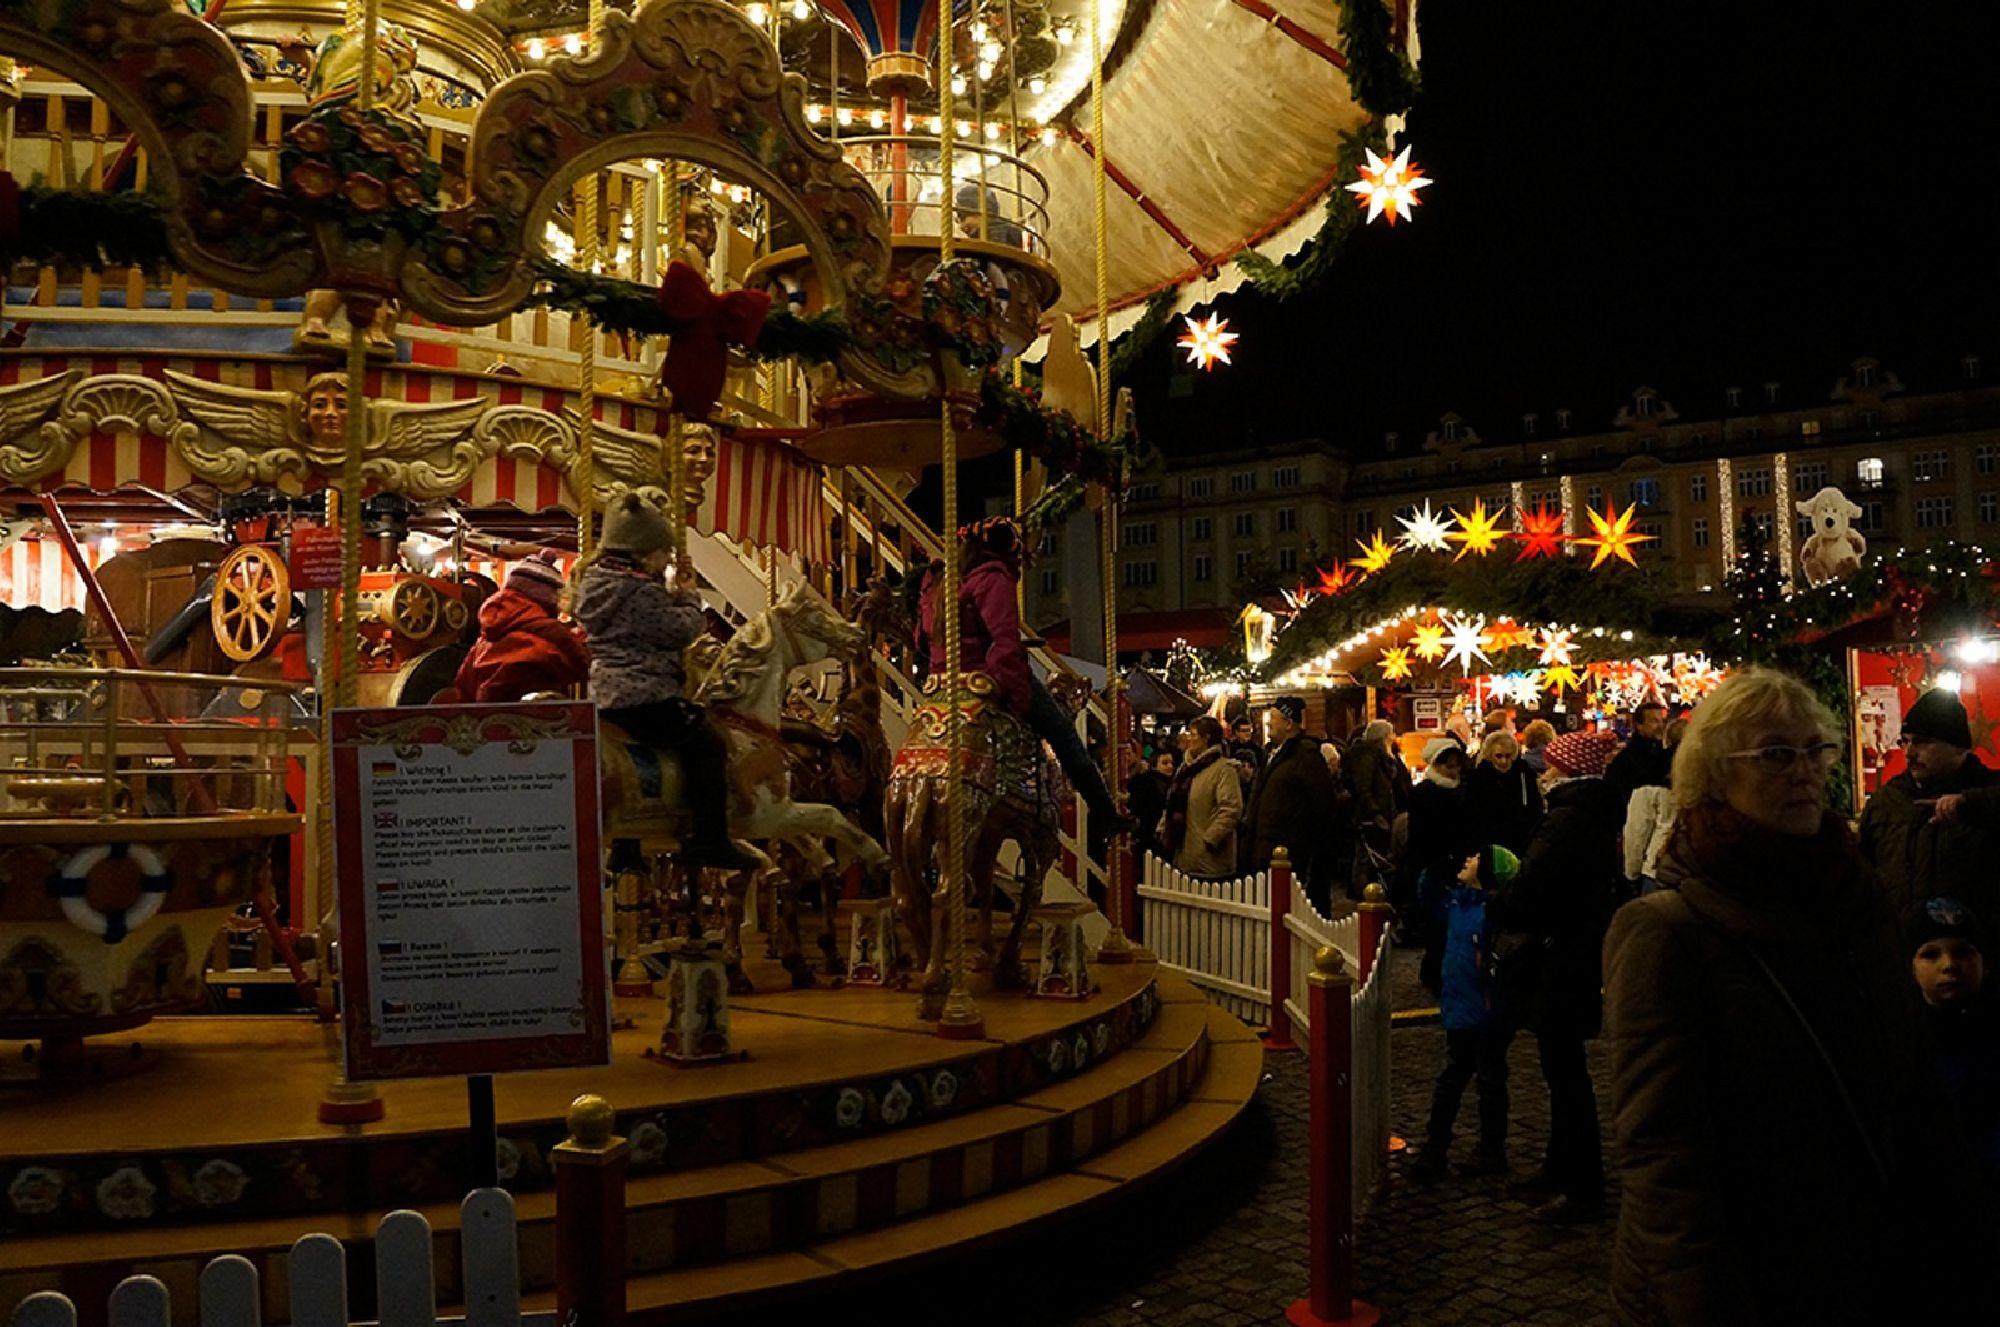 Karussel auf dem Striezelmarkt in Dresden